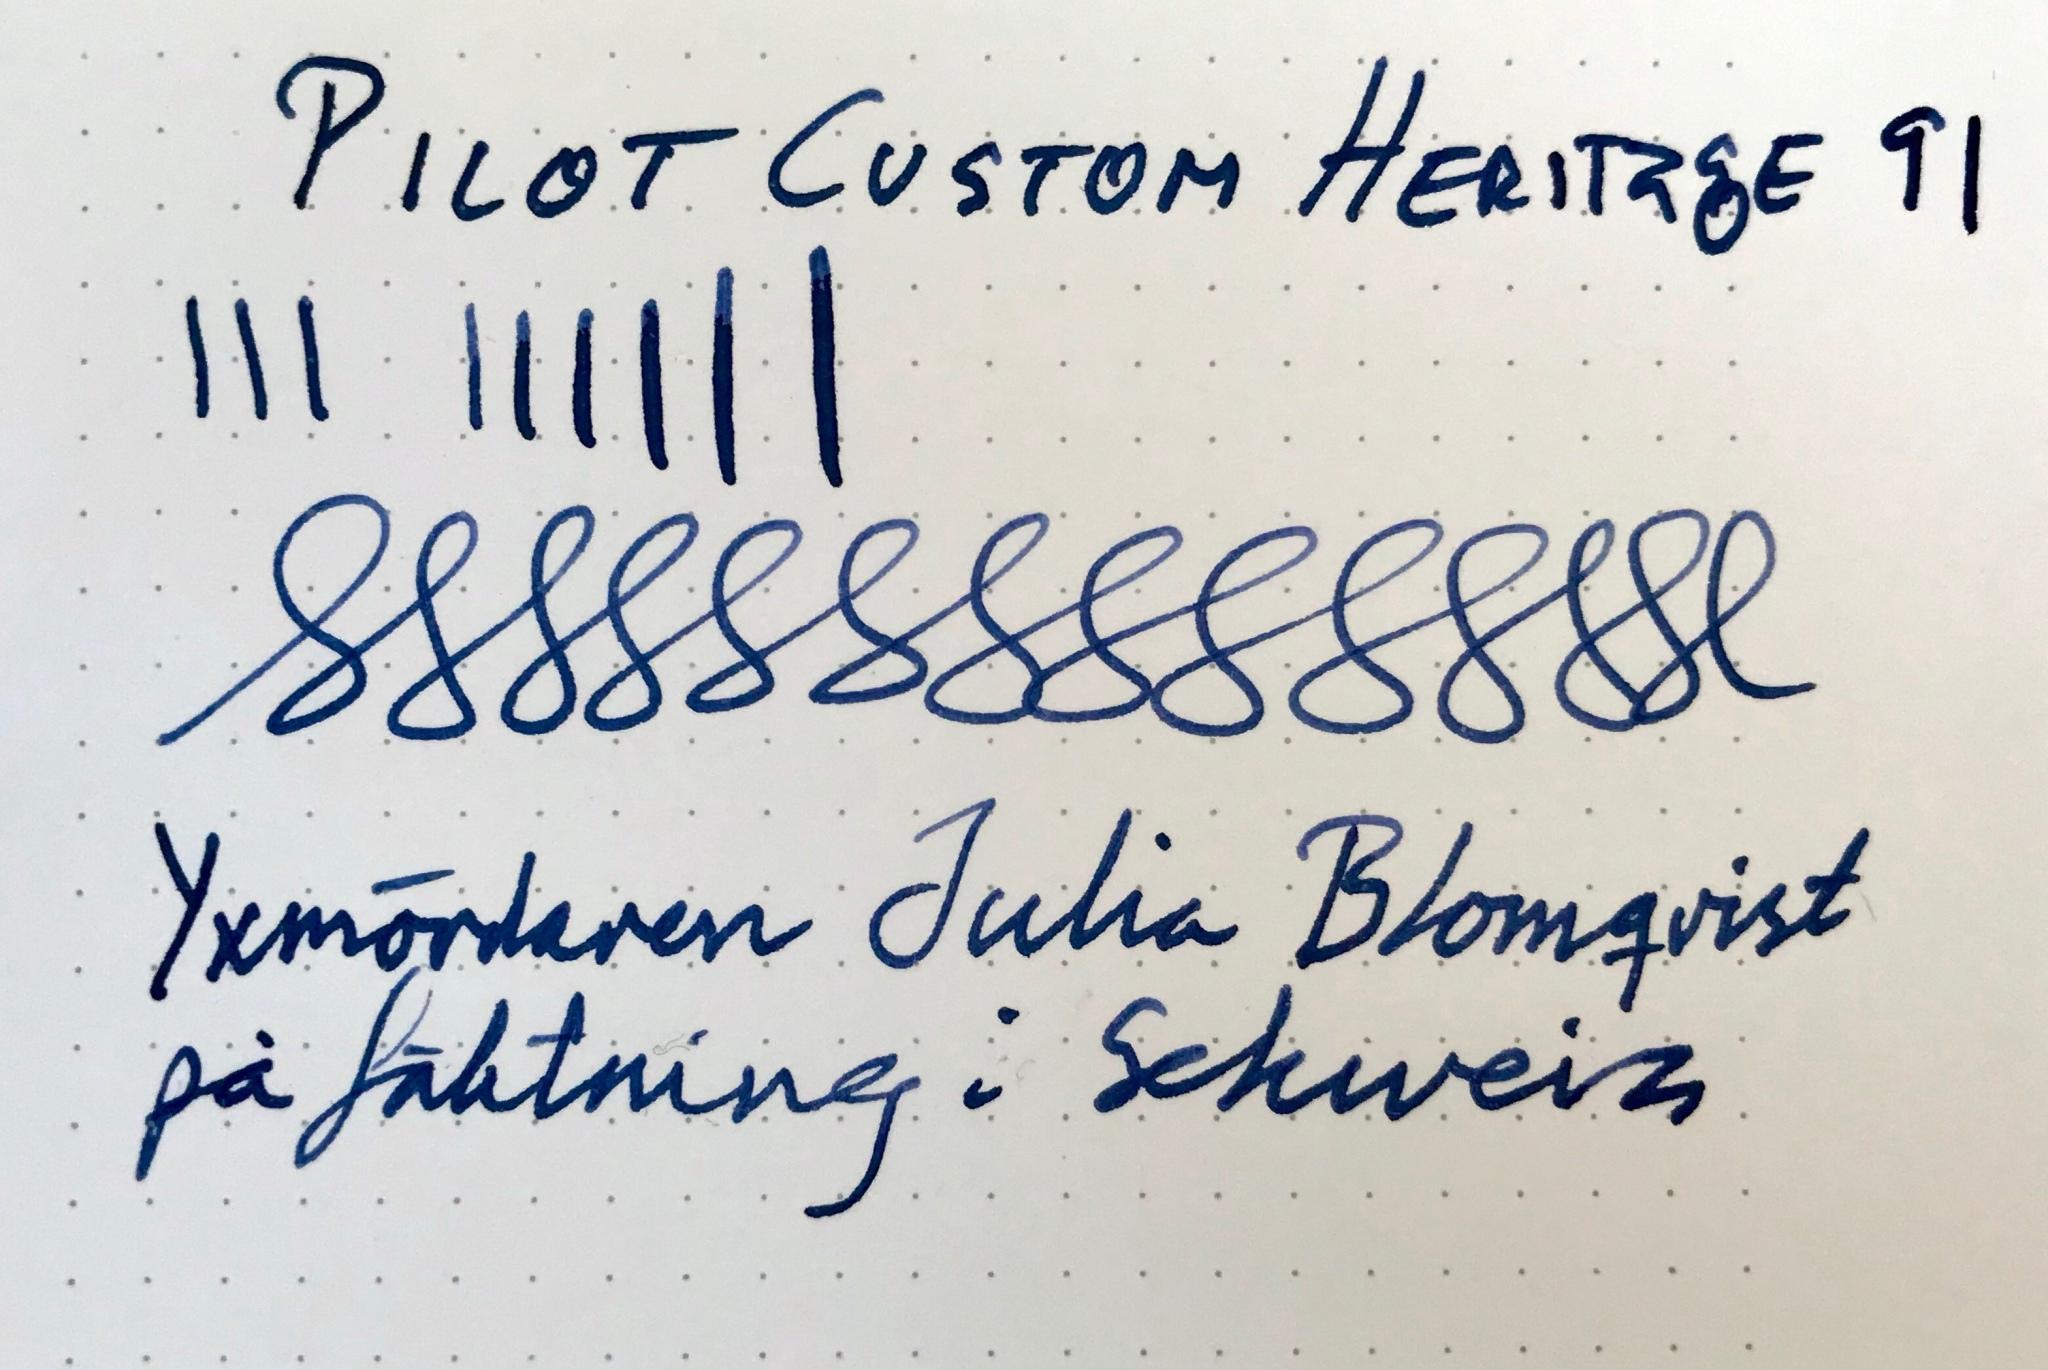 """Skrivprov med Pilot Custom Heritage 91. Visar en viss linjevariation och ett pangram som lyder """"Yxmördaren Julia Blomqvist på fäktning i Schweiz"""